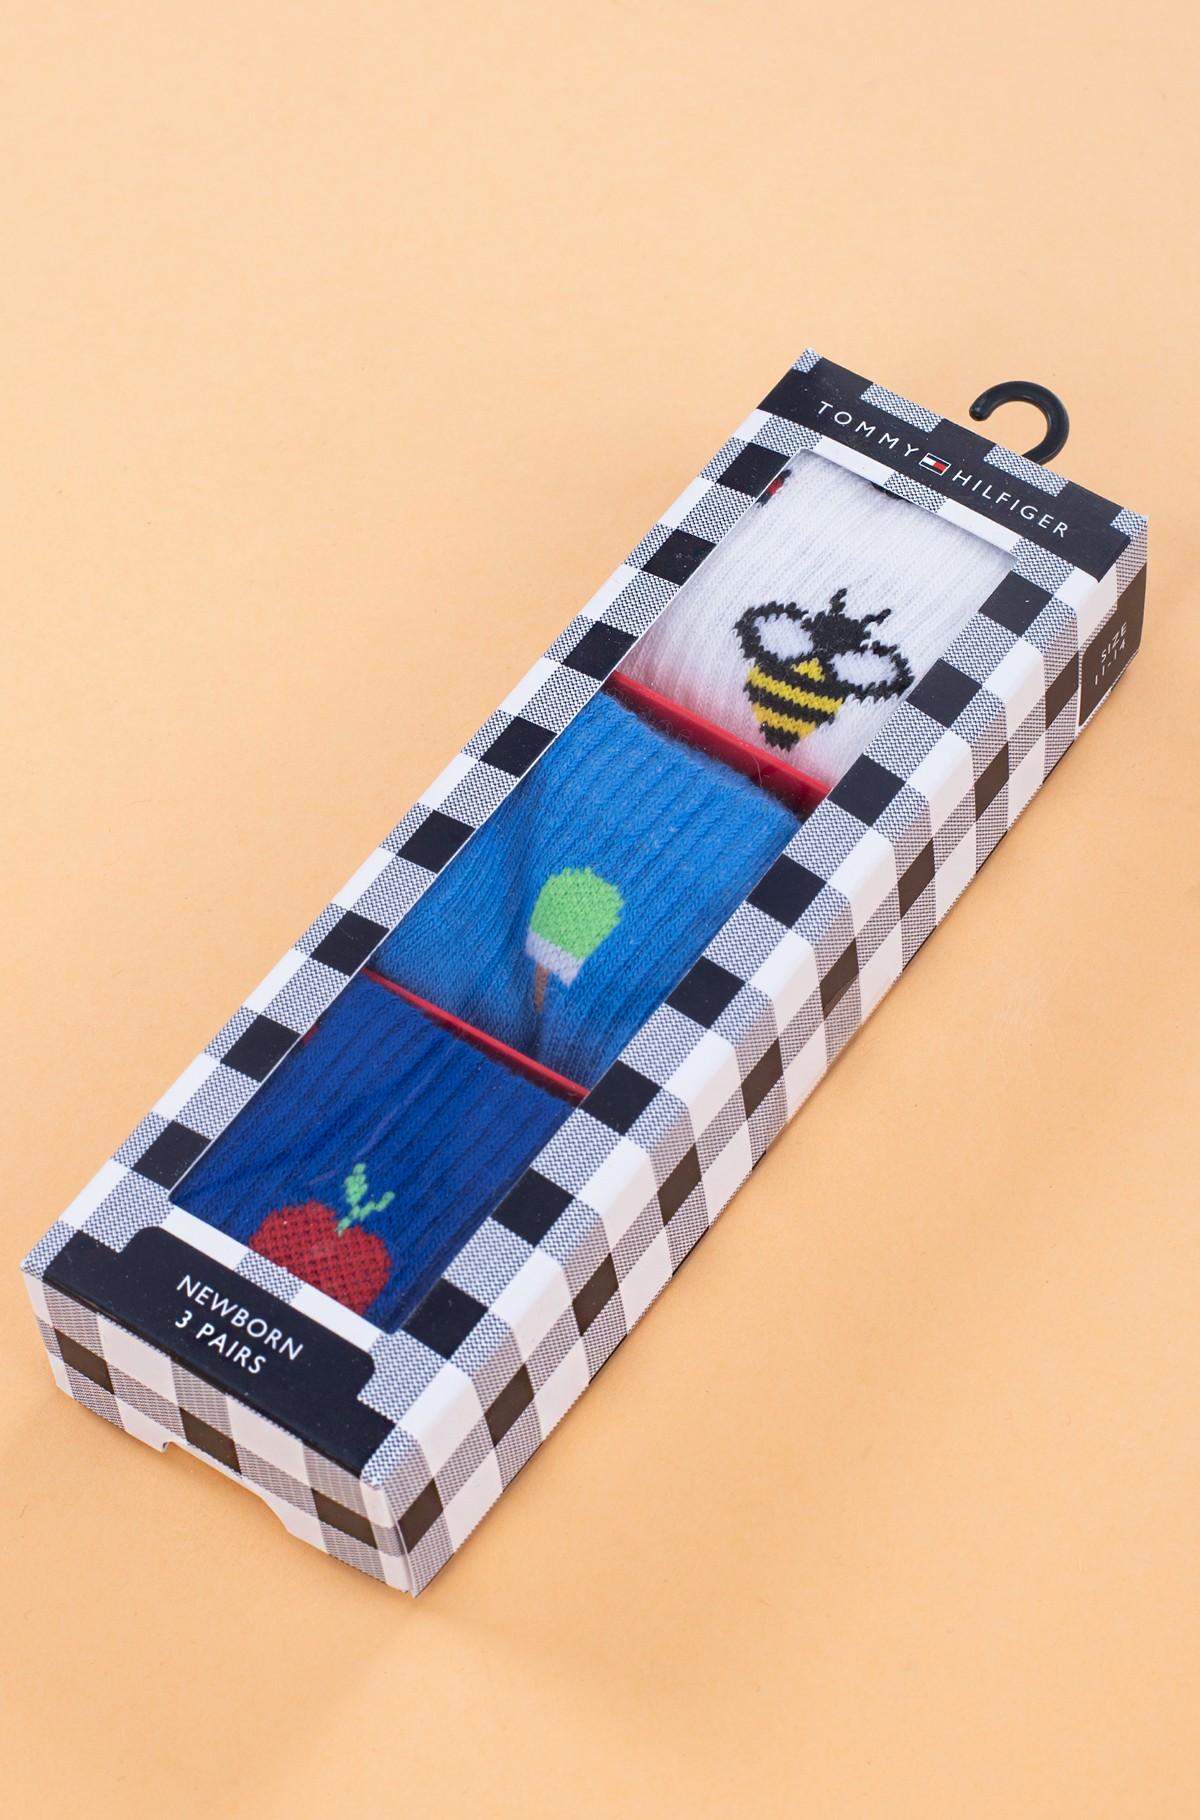 Socks in gift box 100002325-full-1